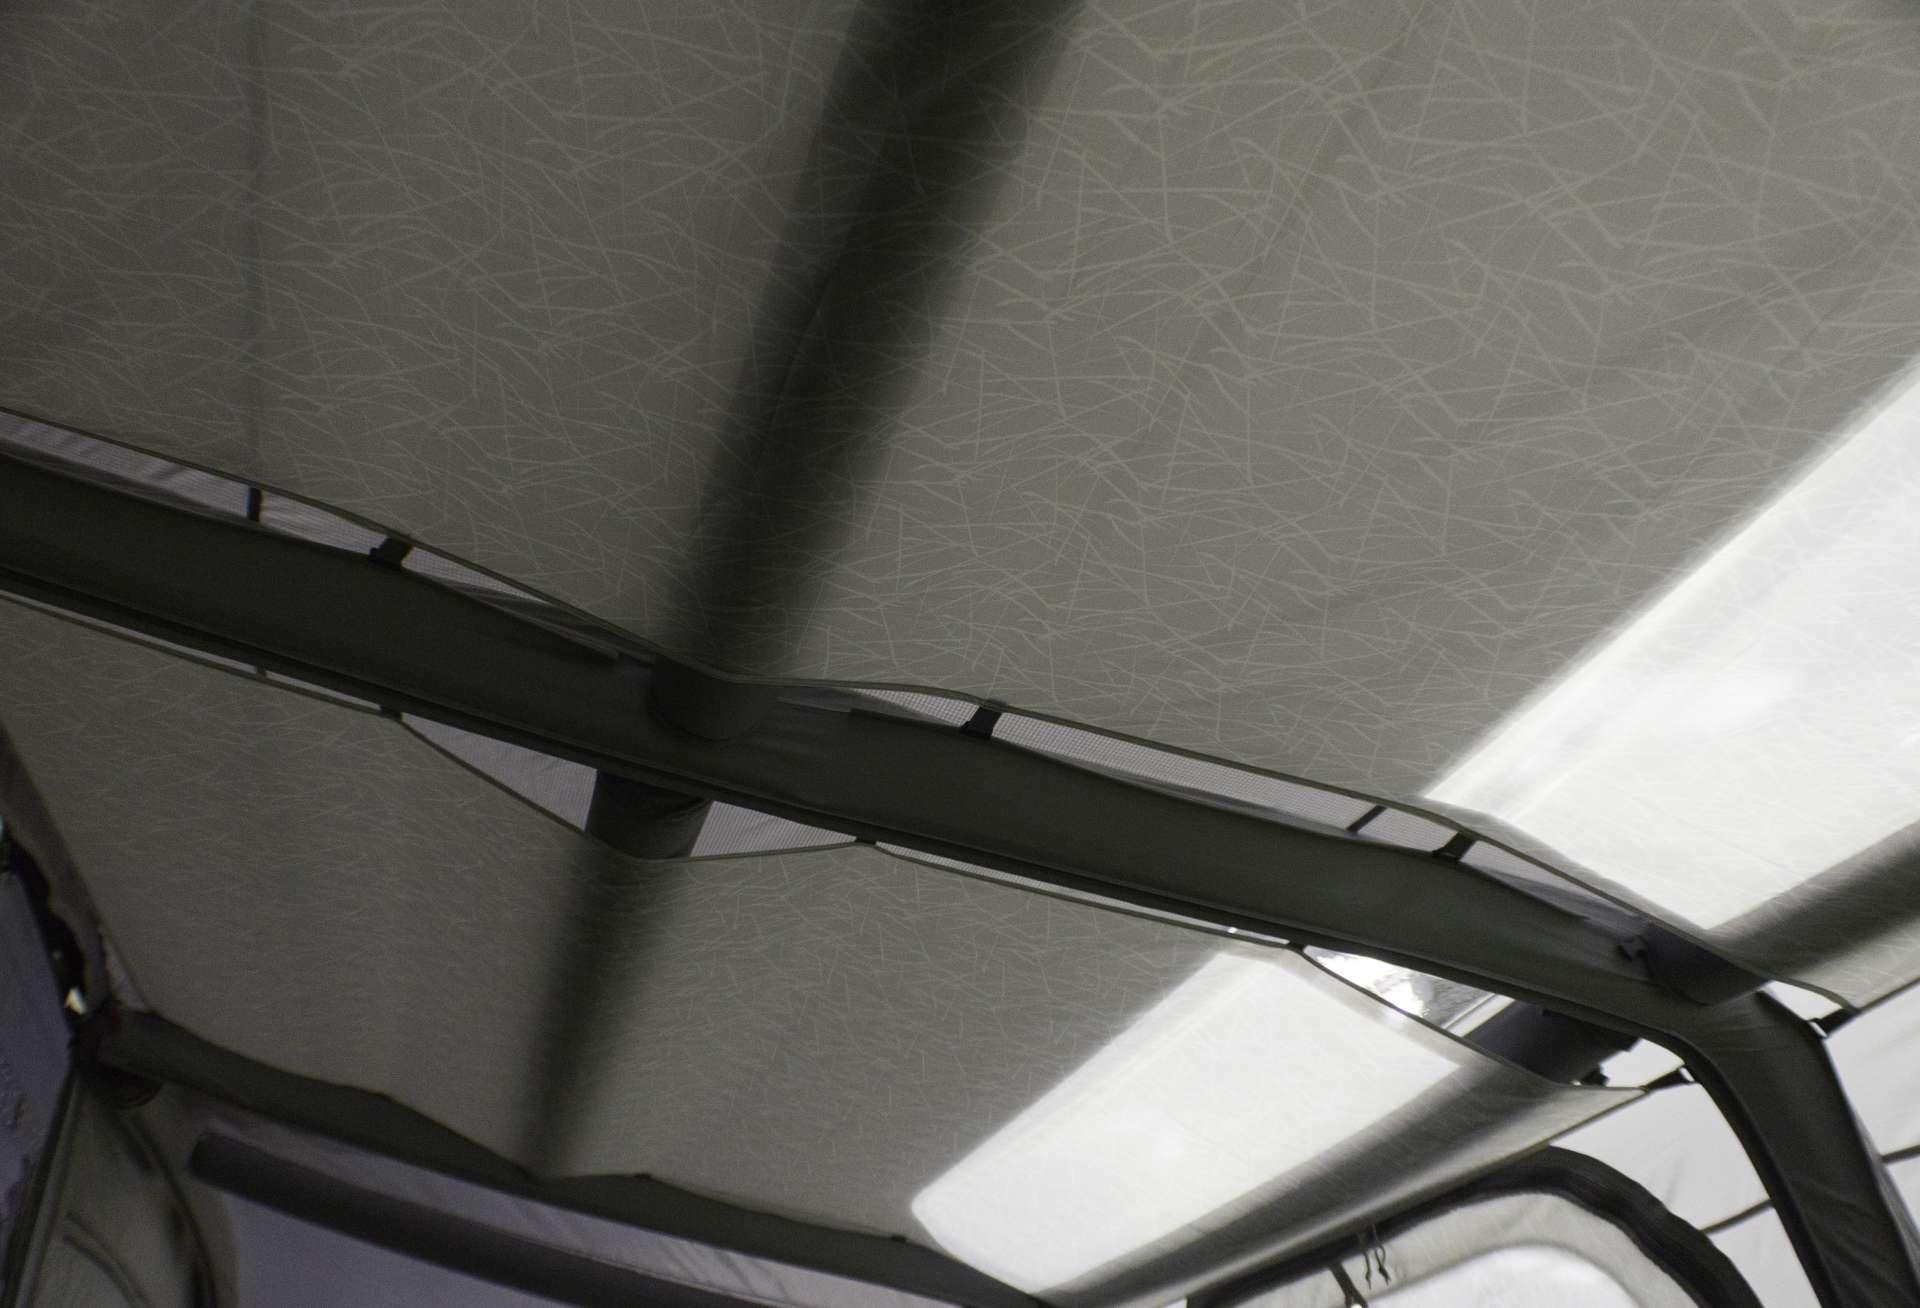 skyliner dachhimmel f r kalari ii 420 brand zelte. Black Bedroom Furniture Sets. Home Design Ideas